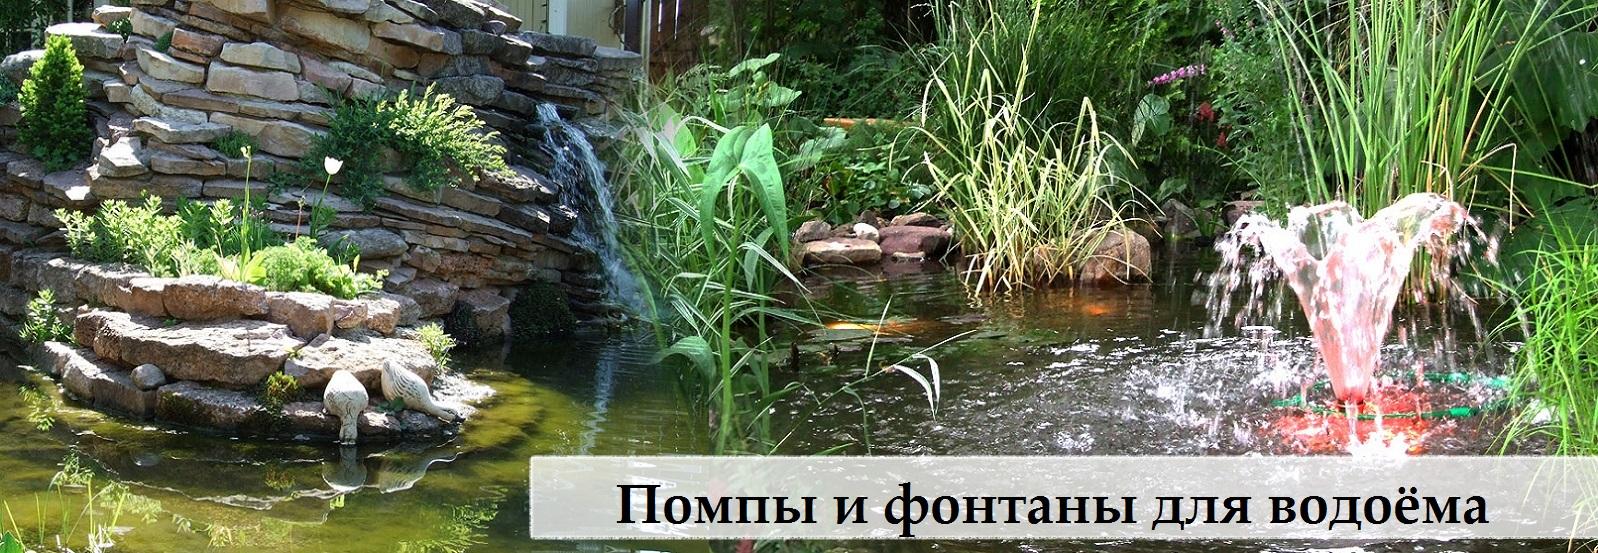 Помпы и фонтаны для пруда